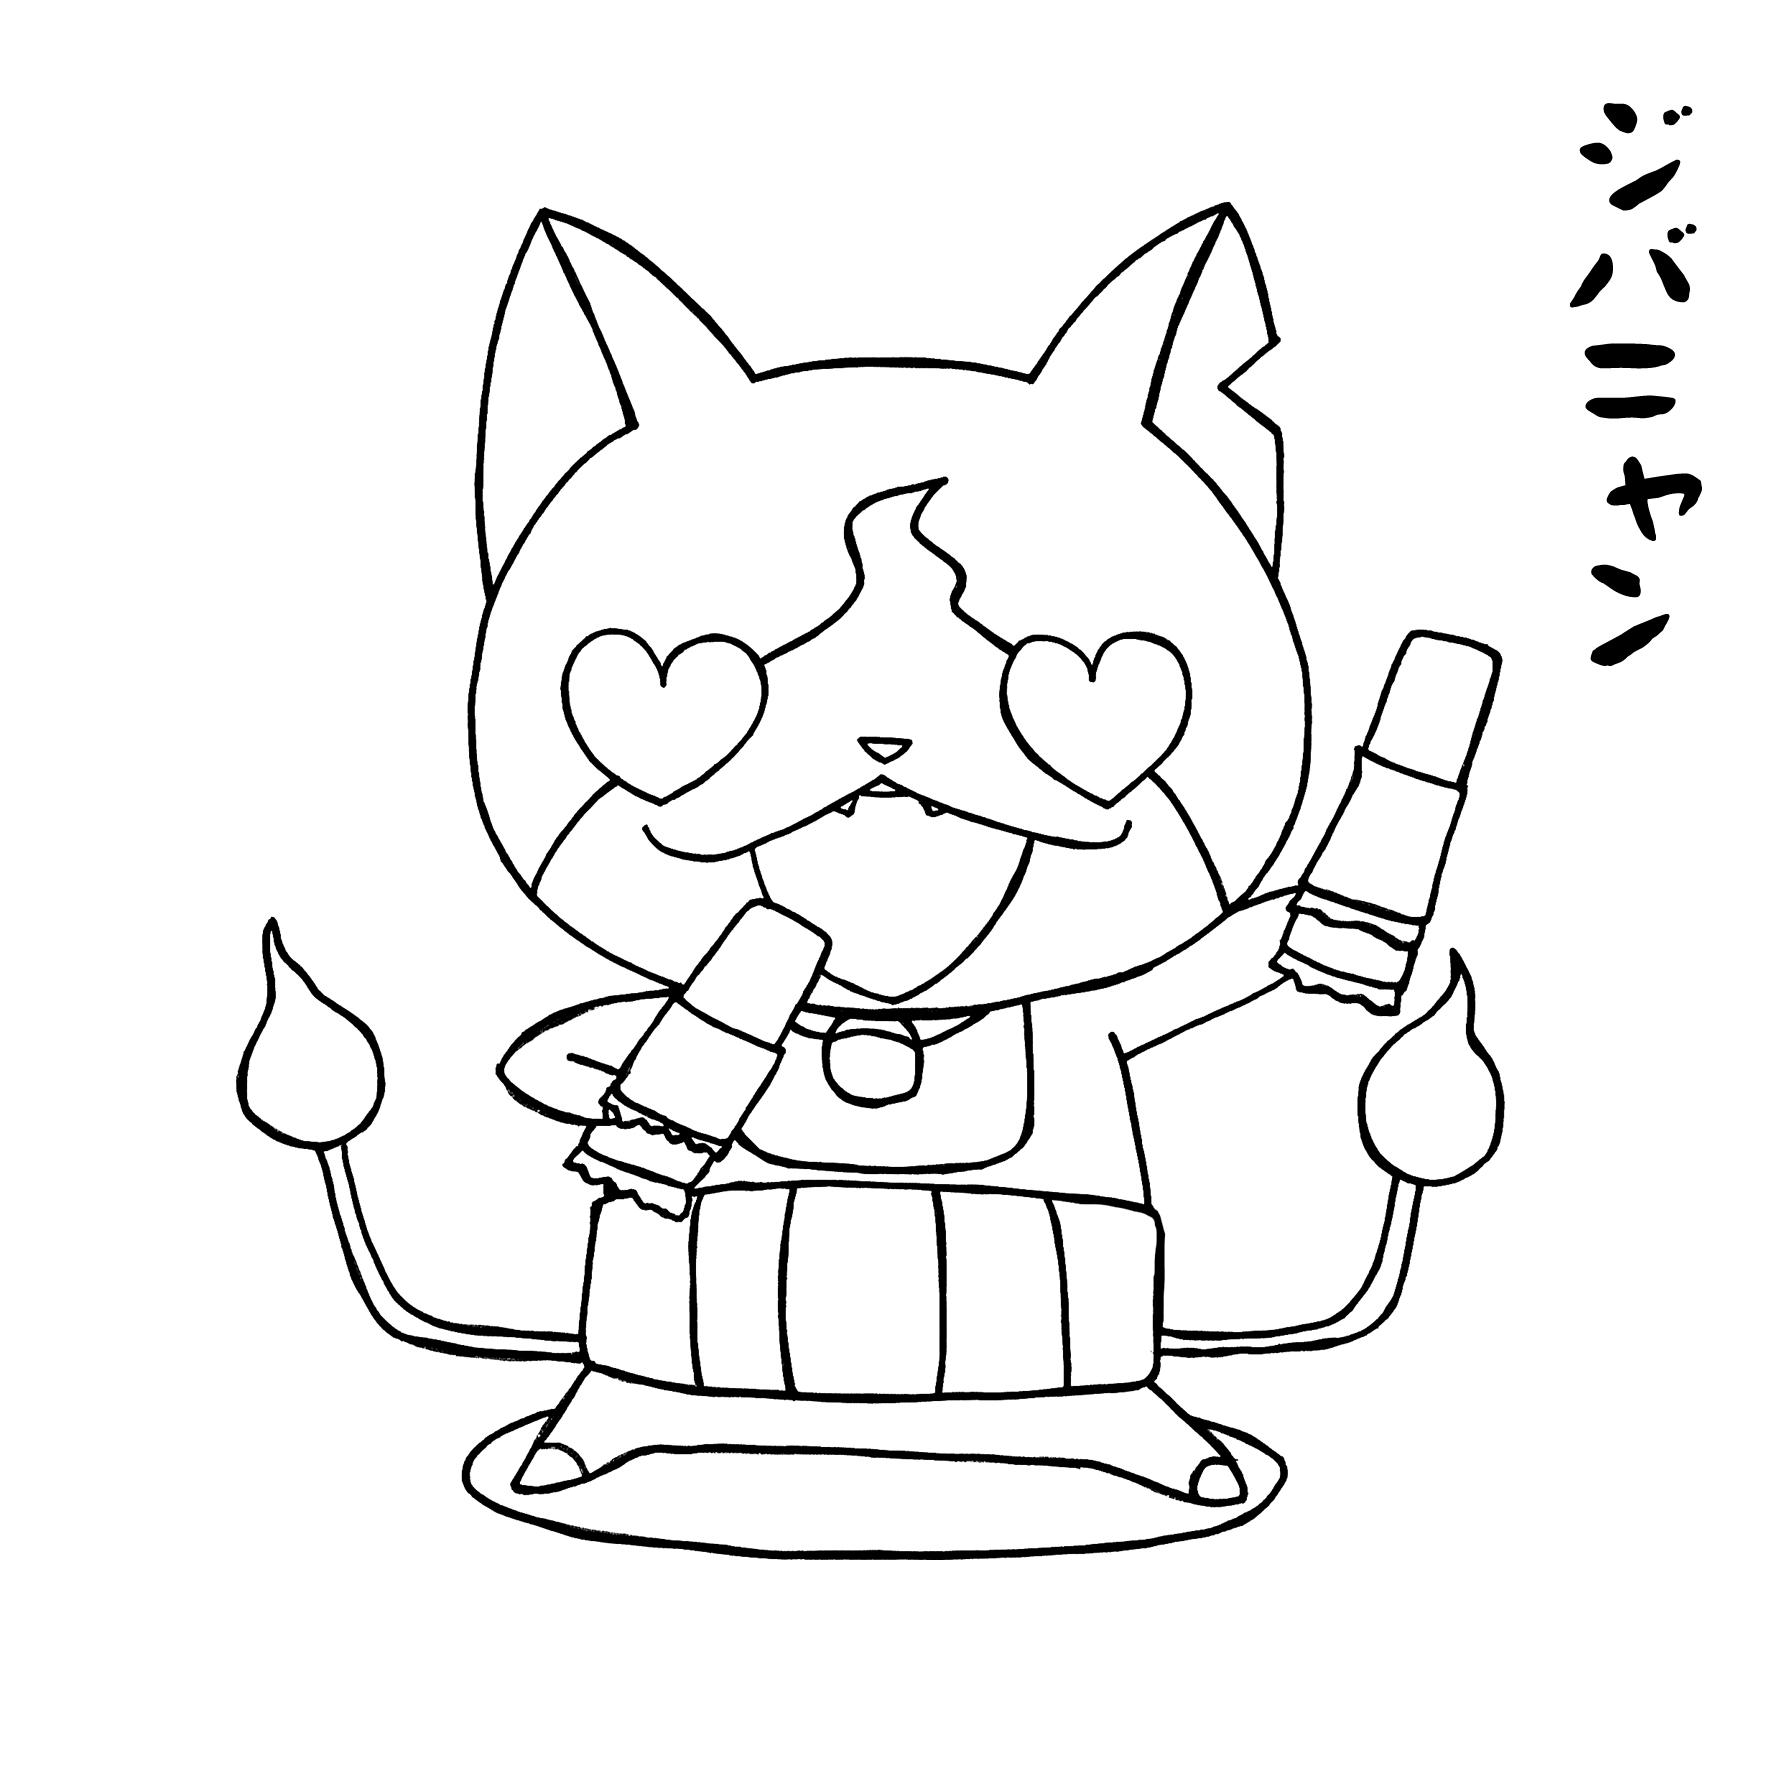 イラスト 3月 イラスト 塗り絵 : ネコがじんG 妖怪ウォッチ ...